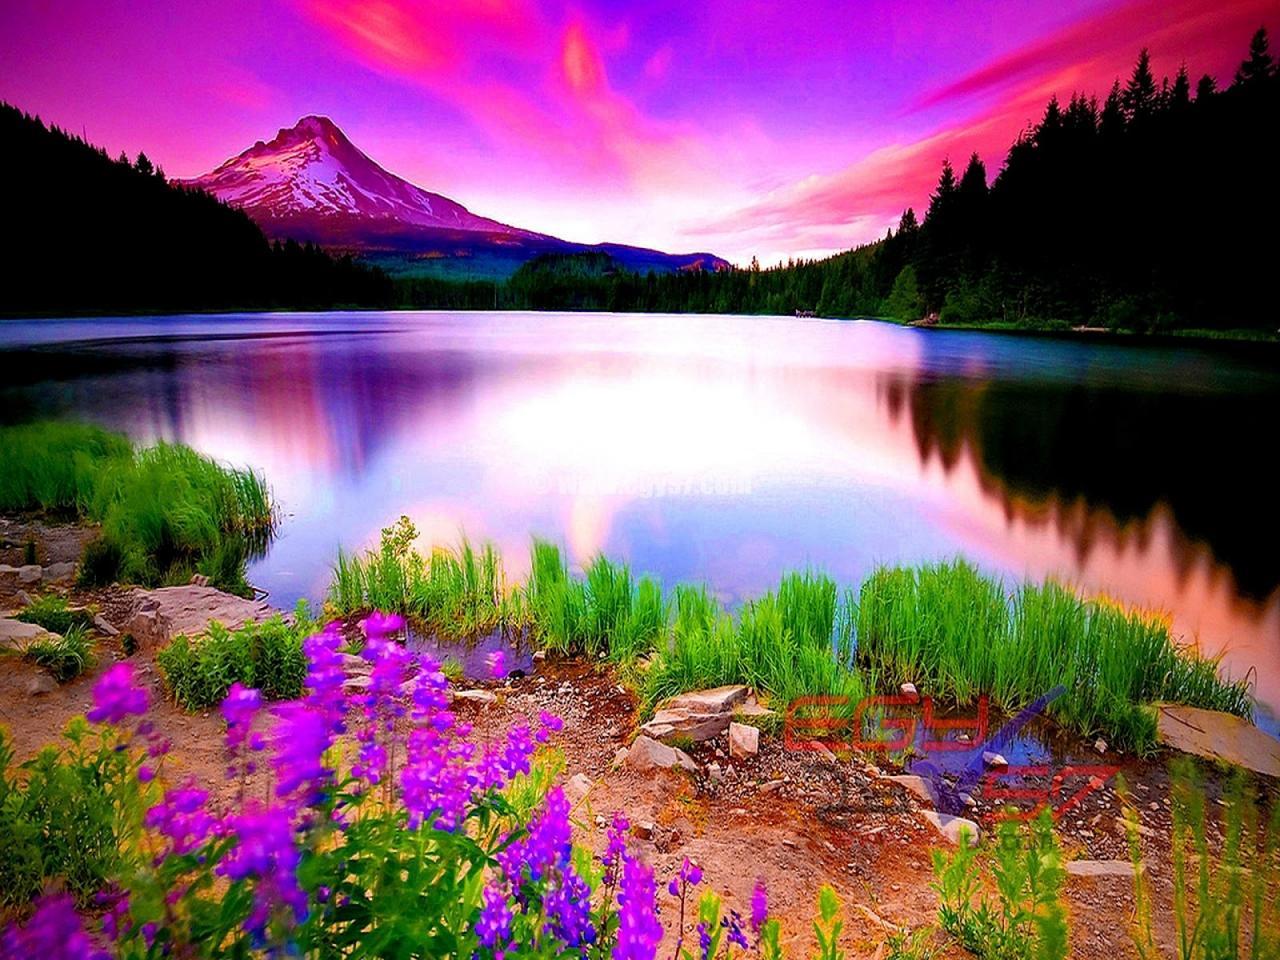 صورة صور تحفة طبيعية ايه الجمال ده، اجمل الصور الطبيعية في العالم 5901